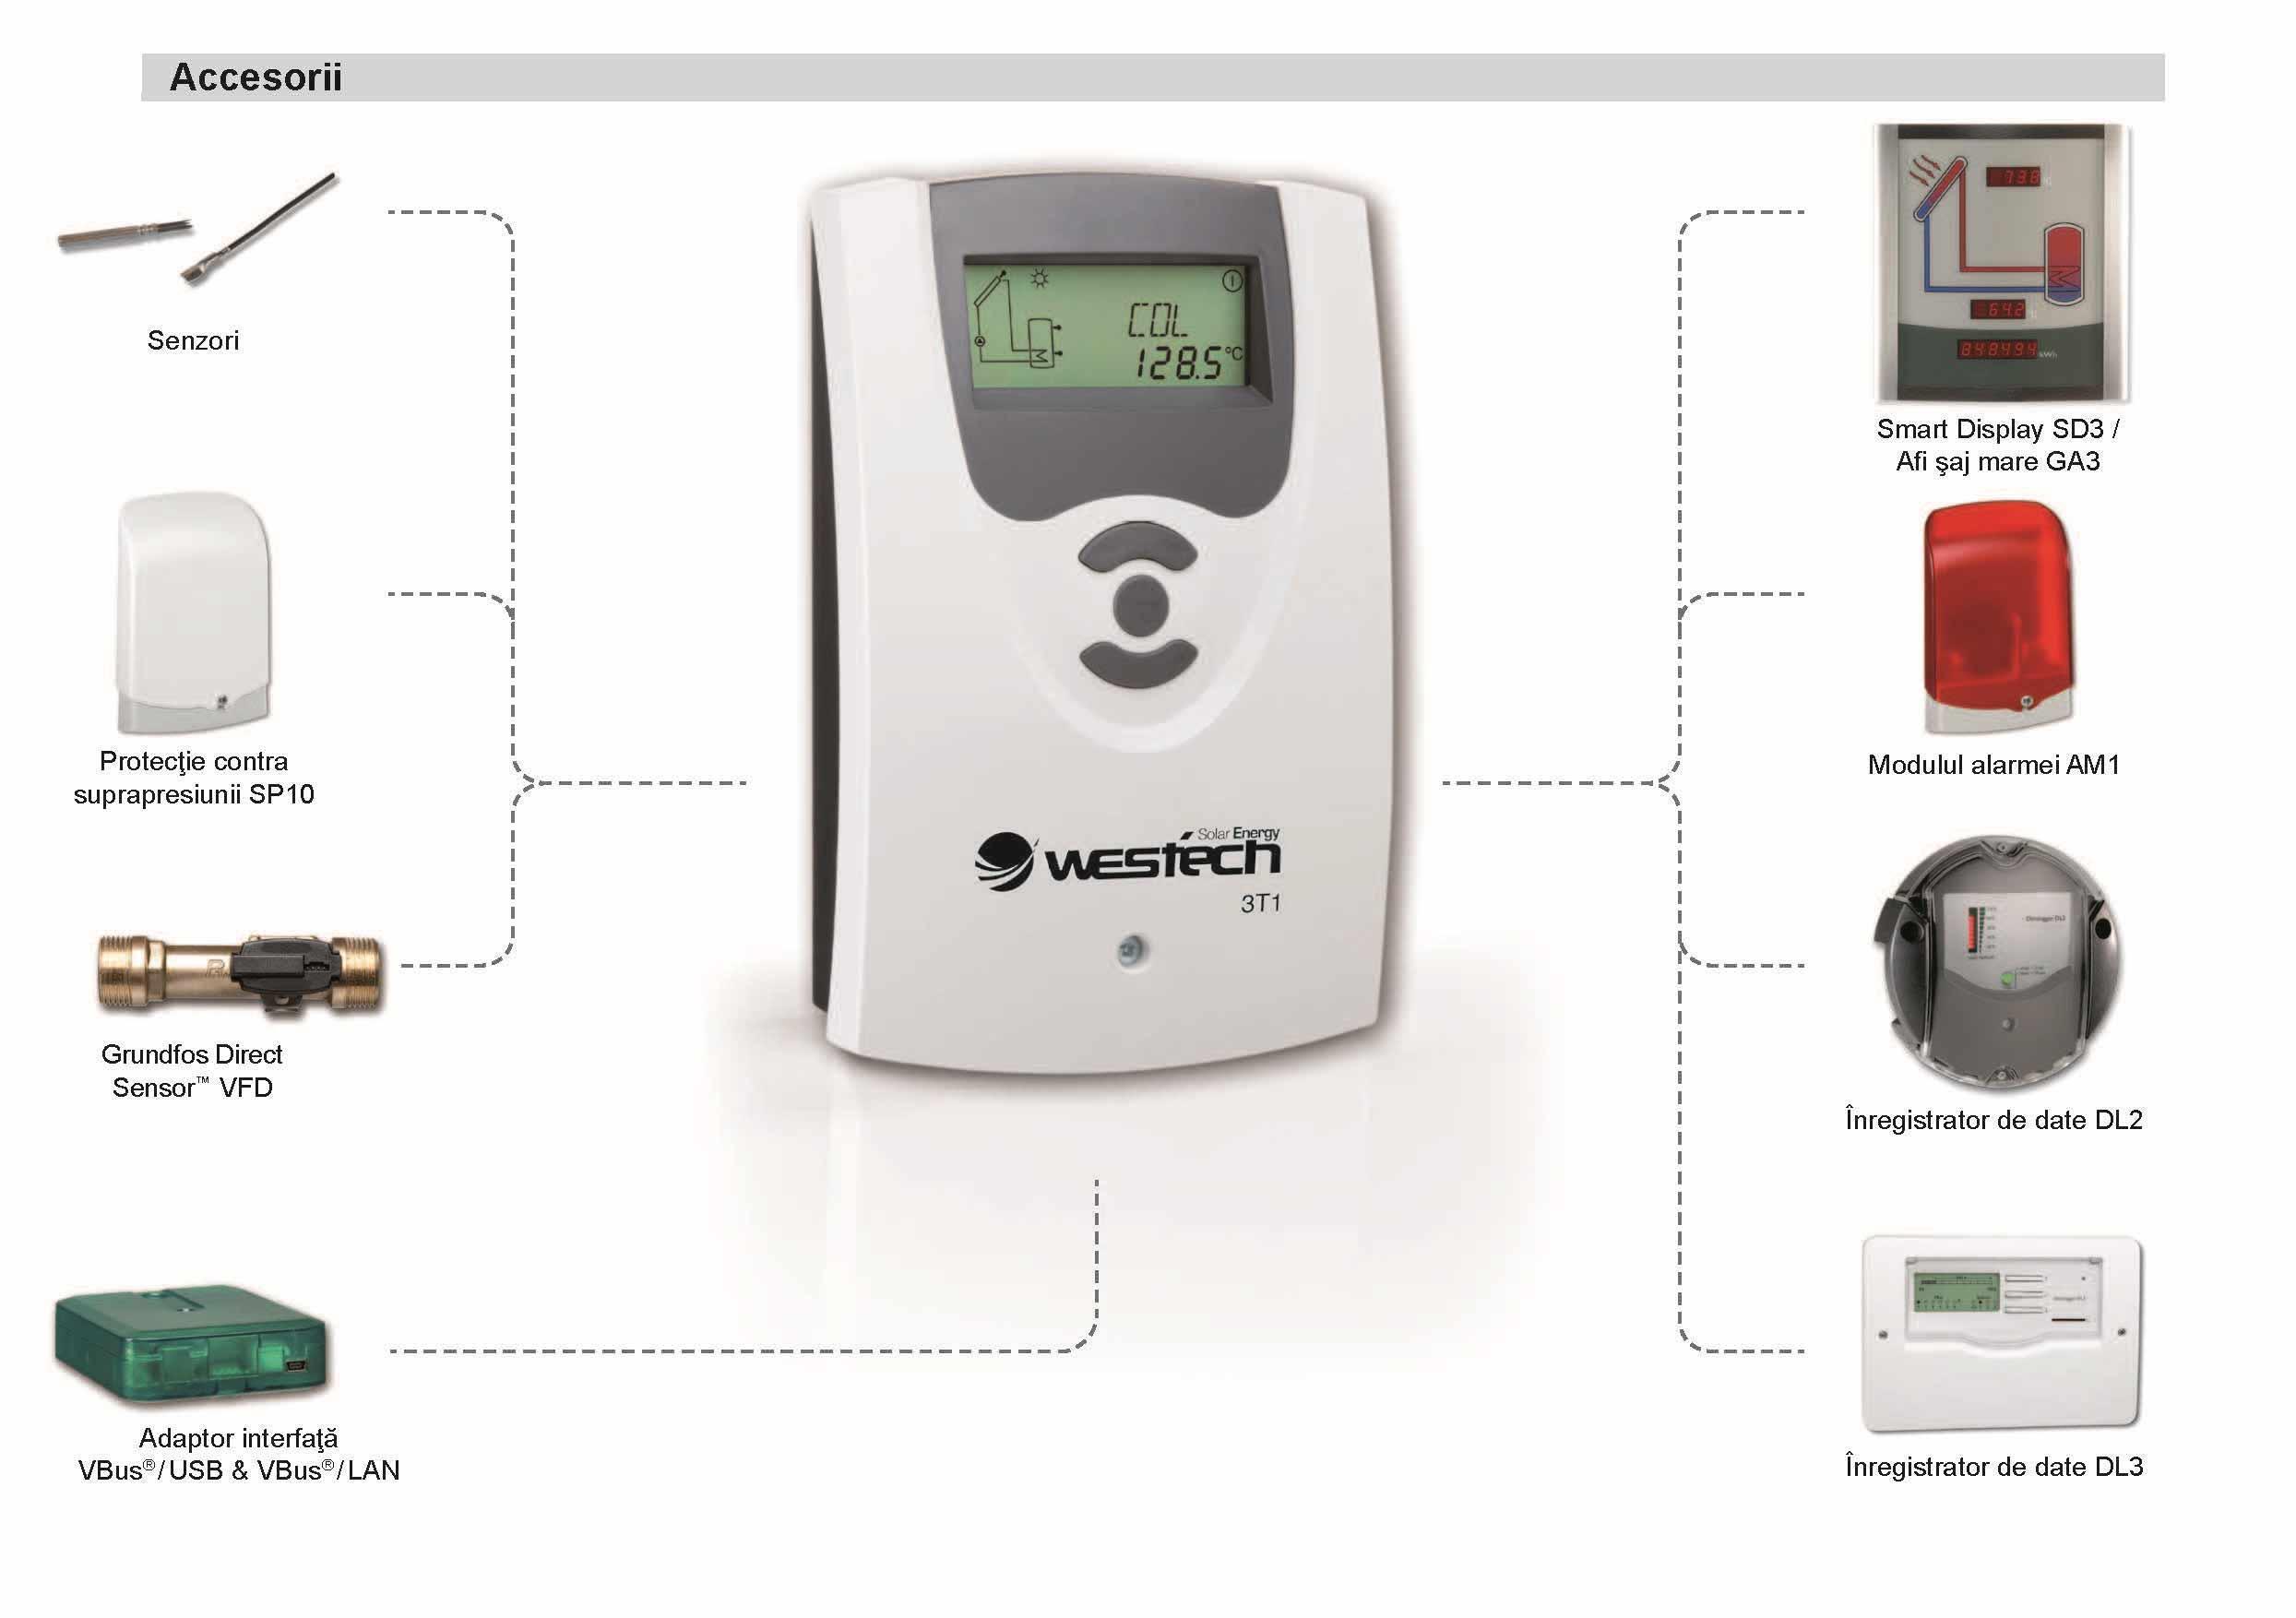 Automatizare-instalatie-solara--Westech-3T1-inclusiv-3-senzori-PT1000